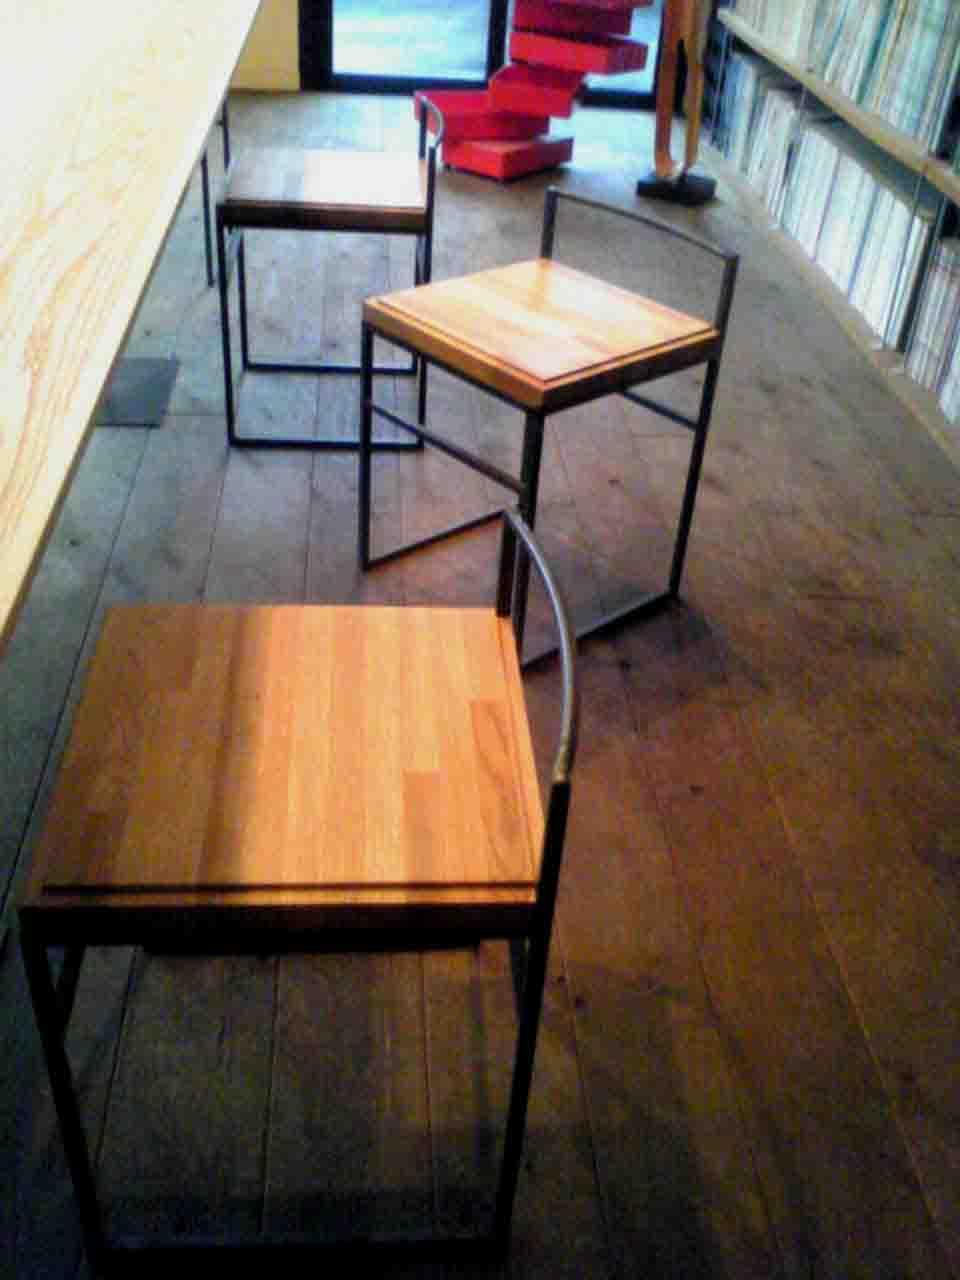 ガラク椅子02.jpg